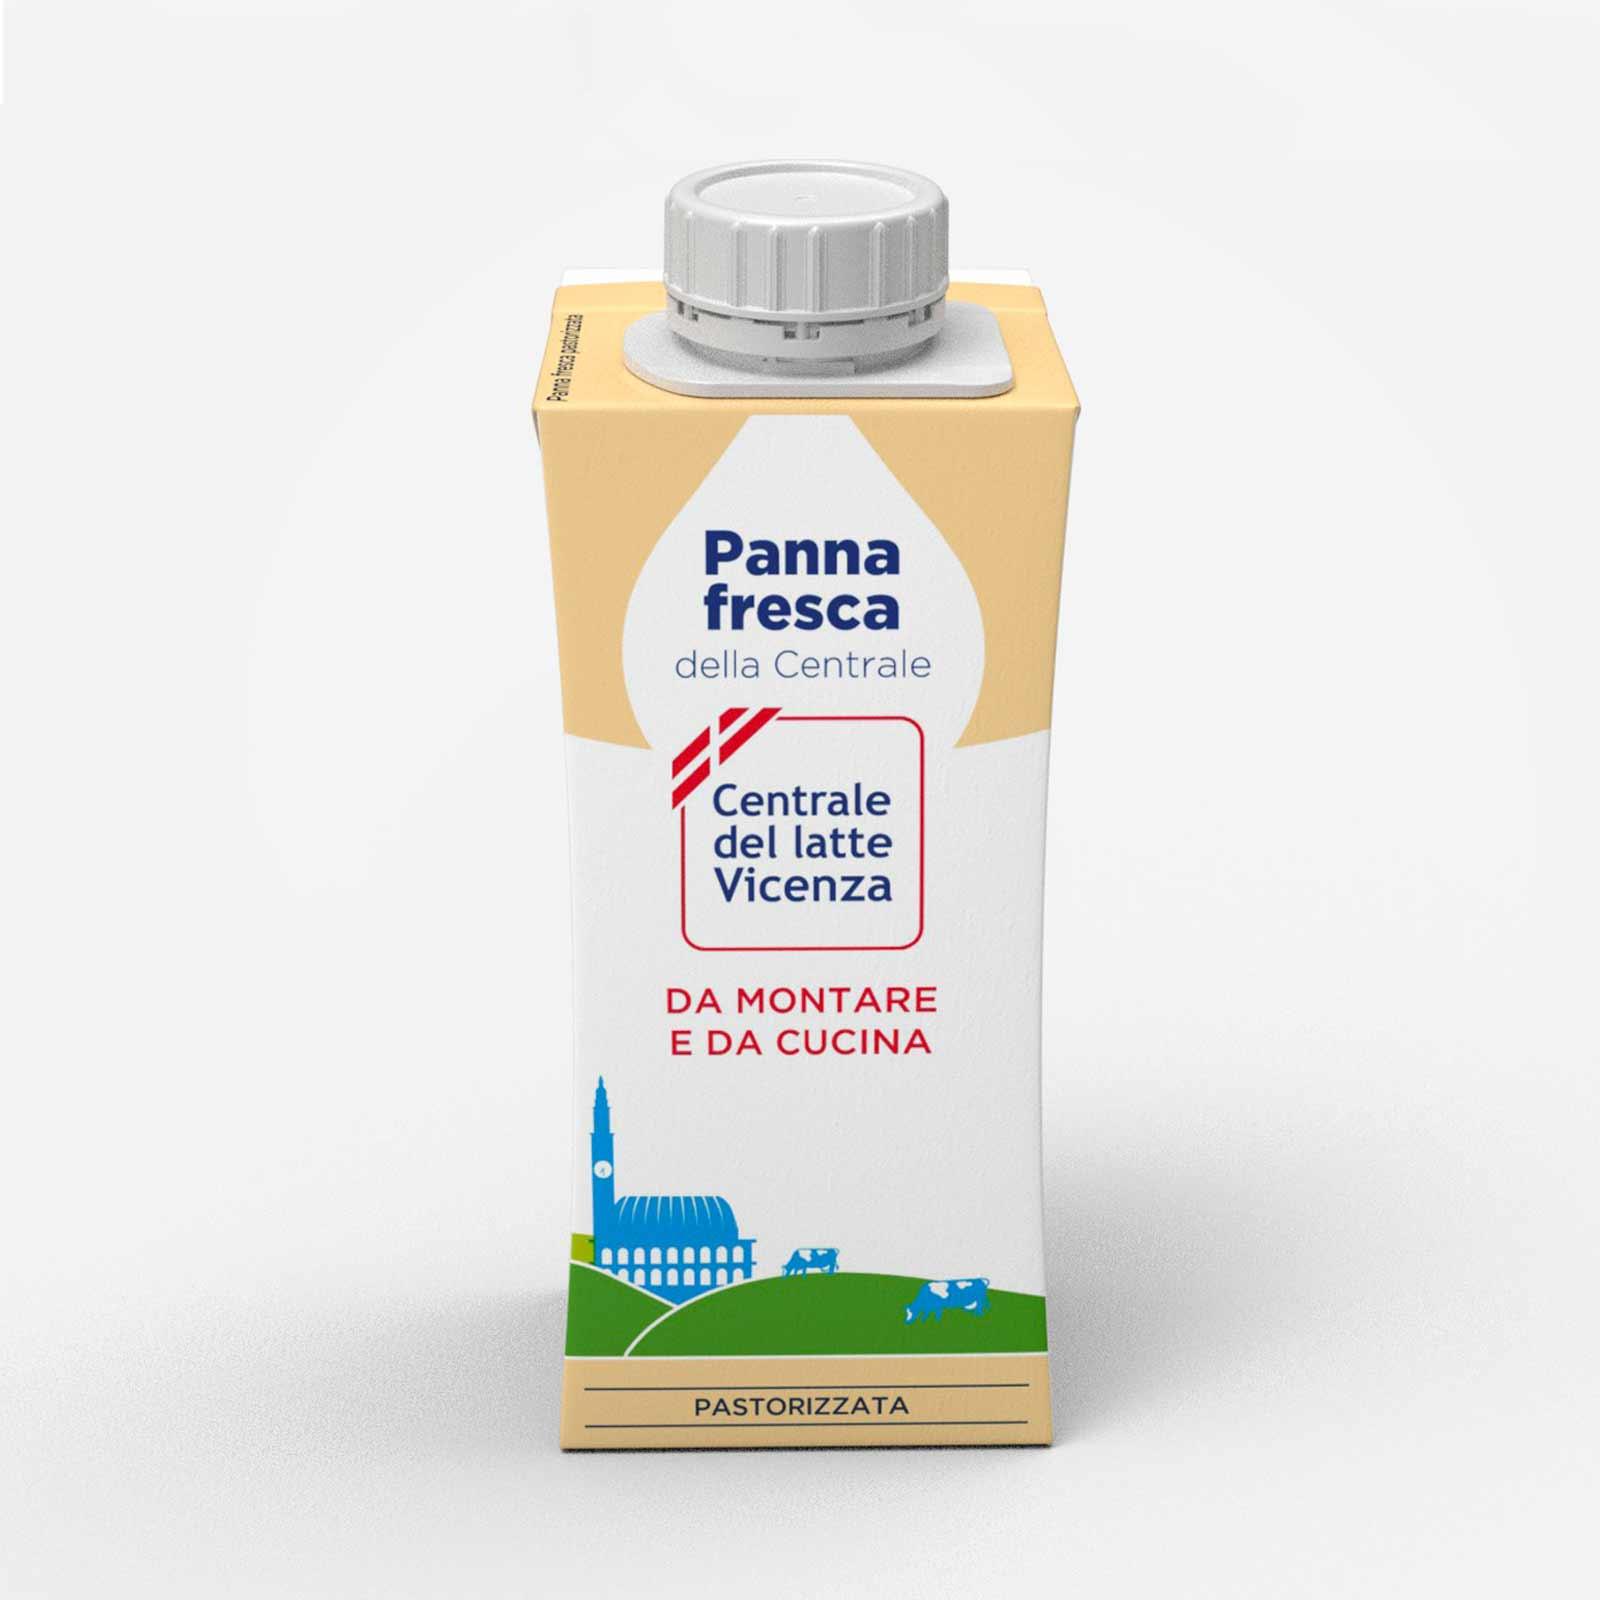 Panna fresca da 200 ml centrale del latte di vicenza - Differenza panna da cucina e panna fresca ...